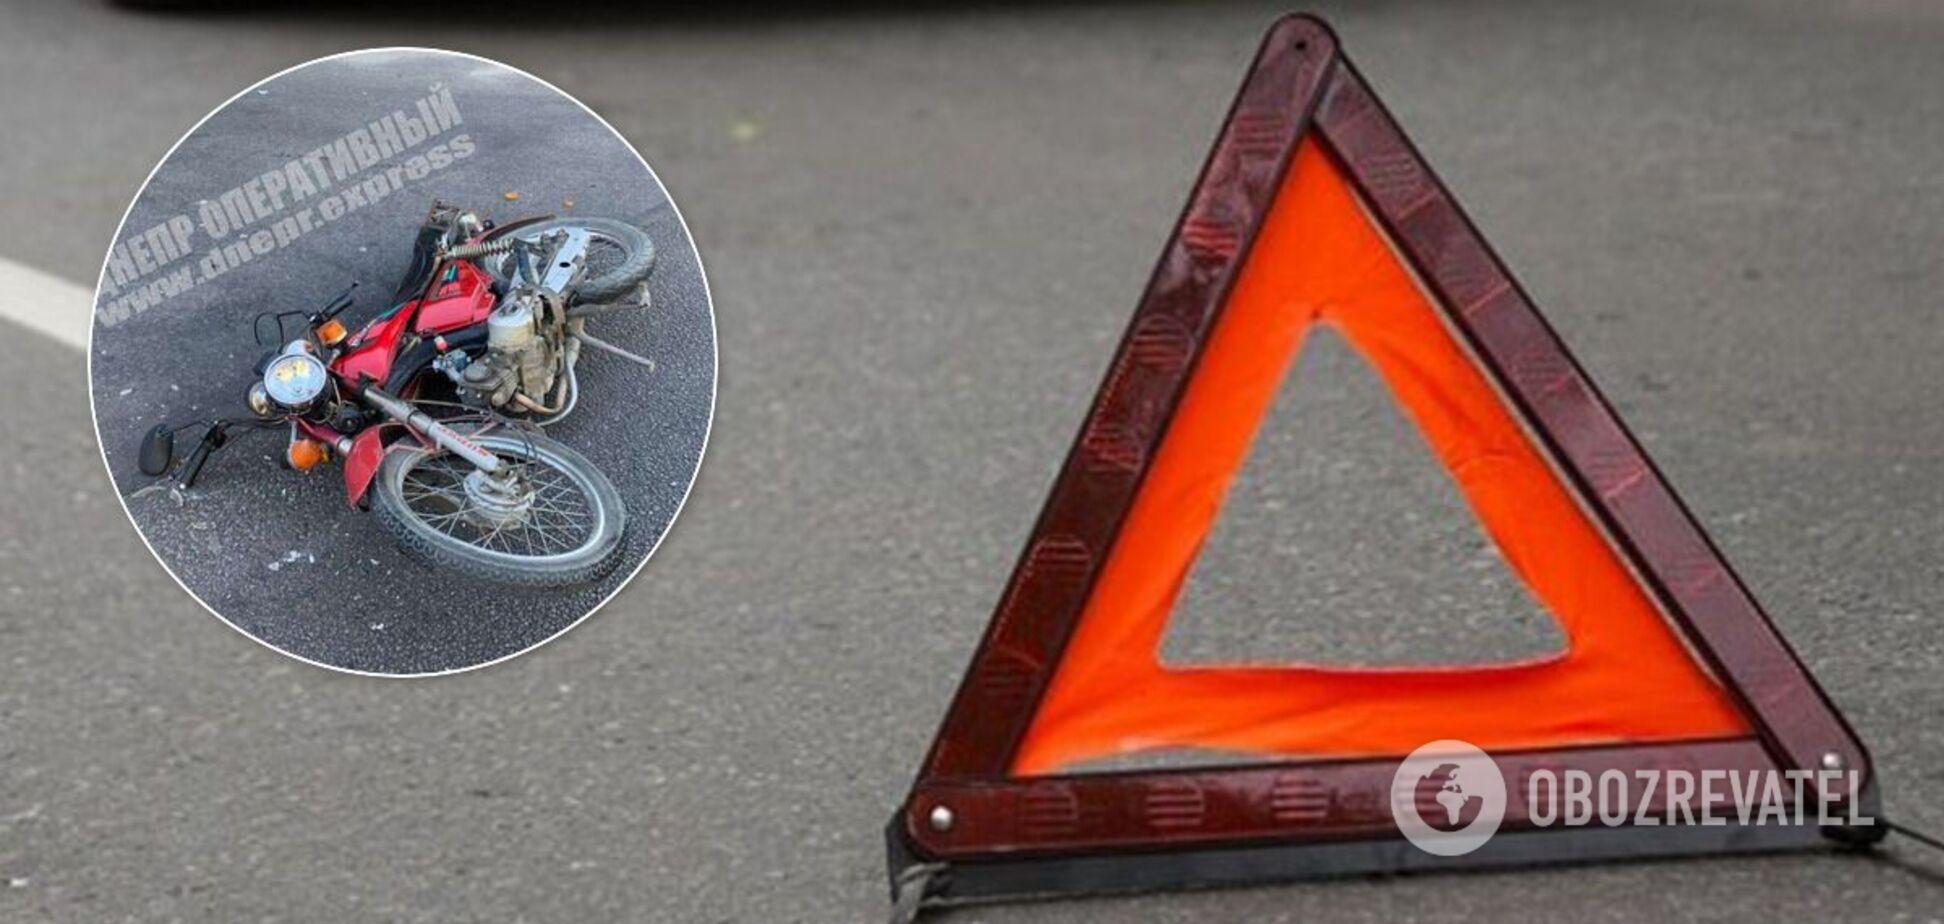 У Дніпрі мотоцикліст потрапив до лікарні після зіткнення з легковиком. Джерело: колаж